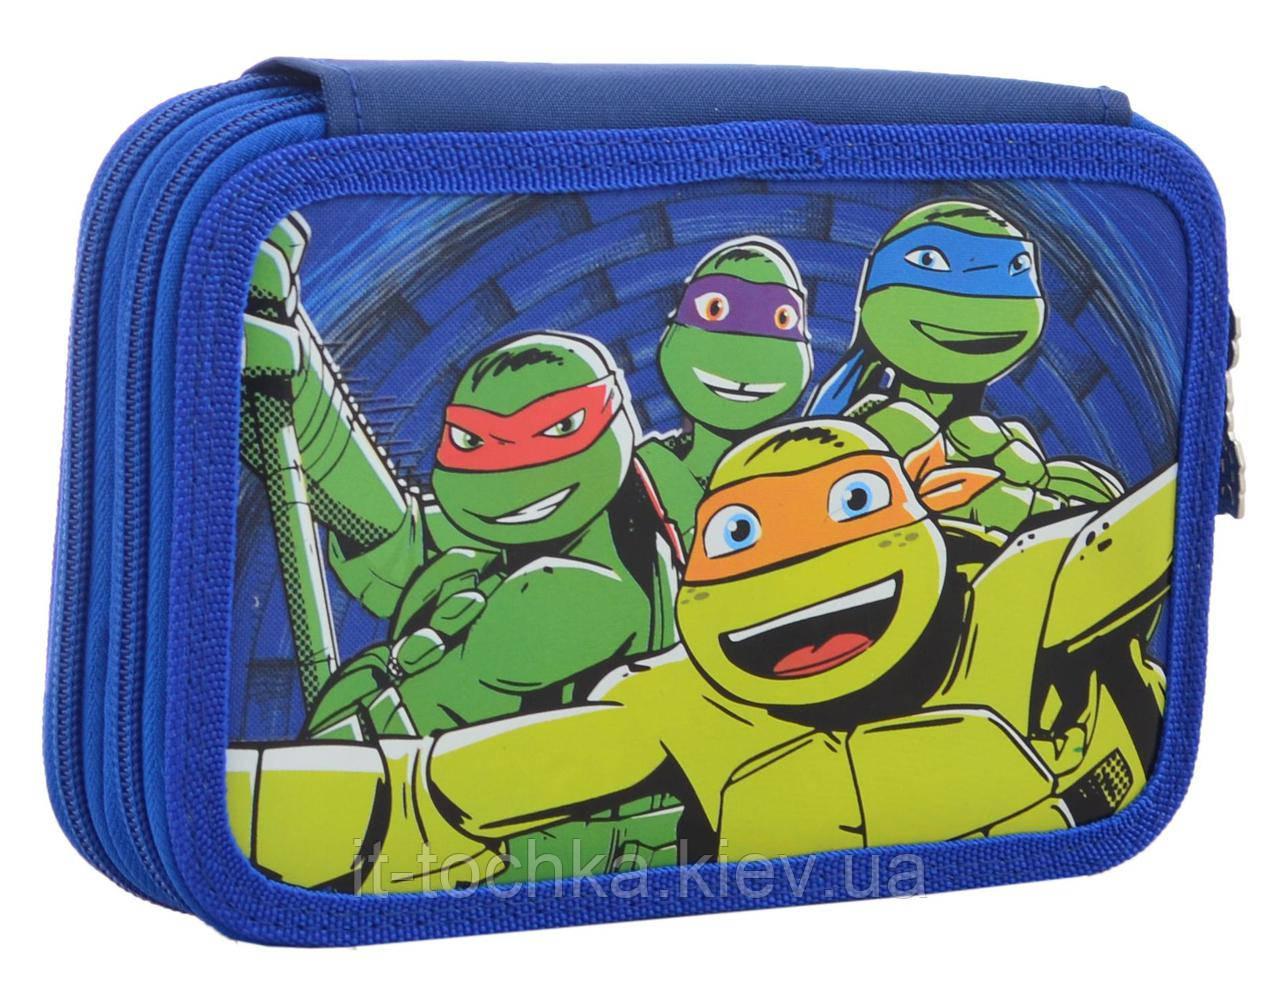 Школьный твердый двойной пенал 1 Вересня turtles (531758)